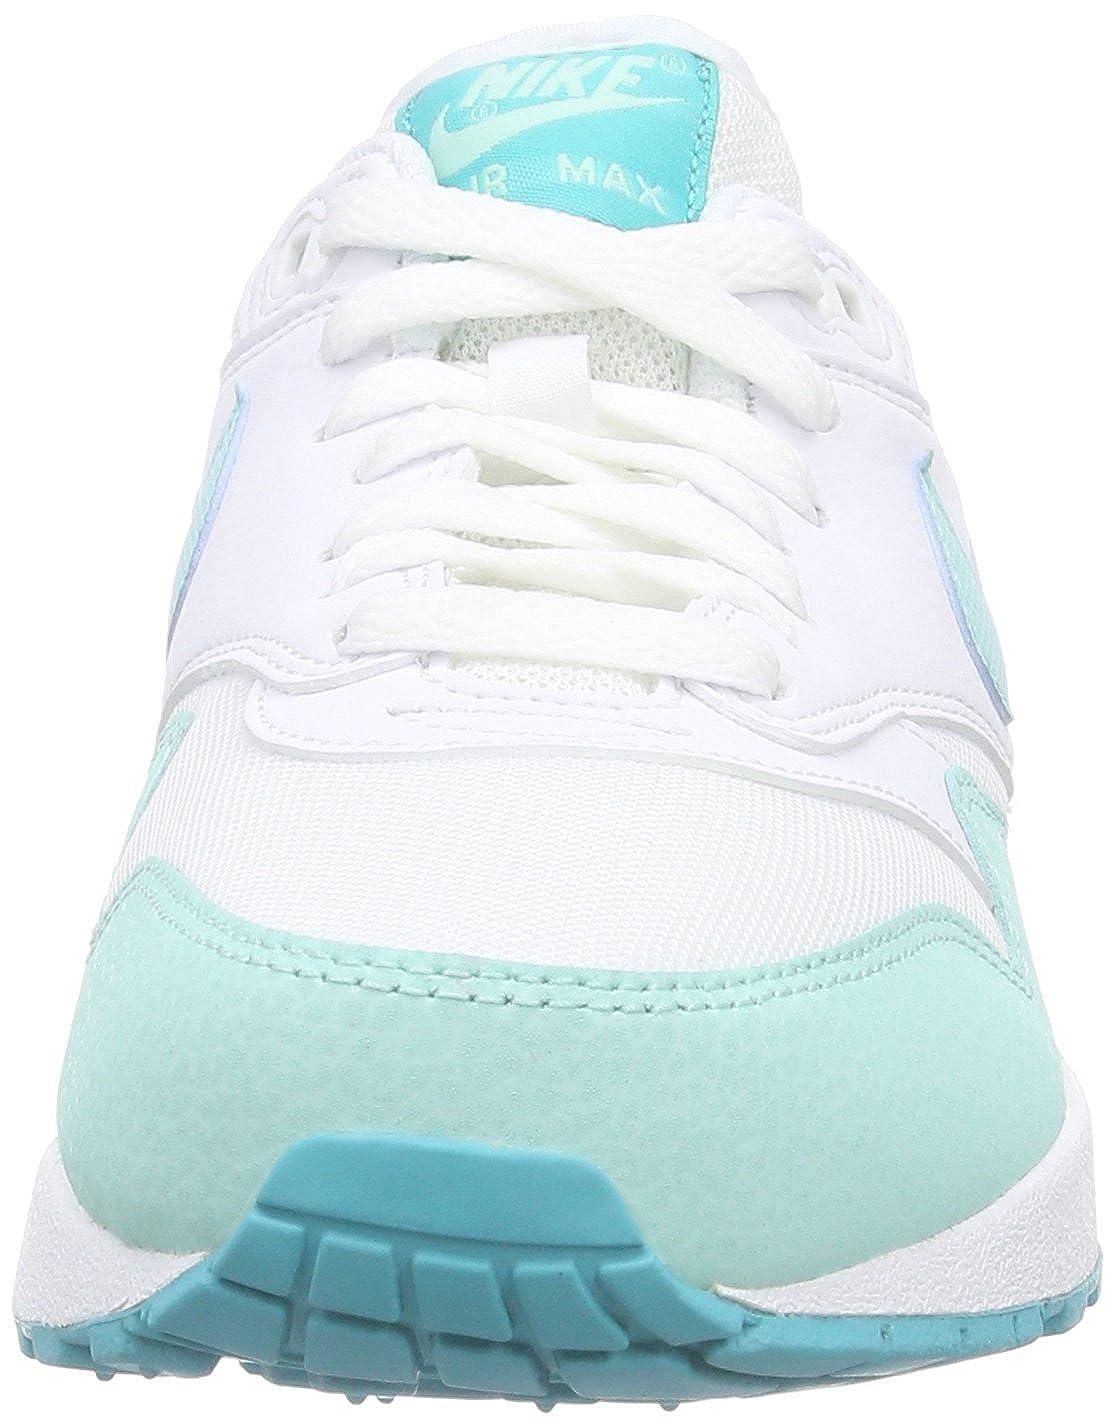 Nike Air Max 1 Essential, Essential, Essential, Scarpe da Corsa Donna f328c5